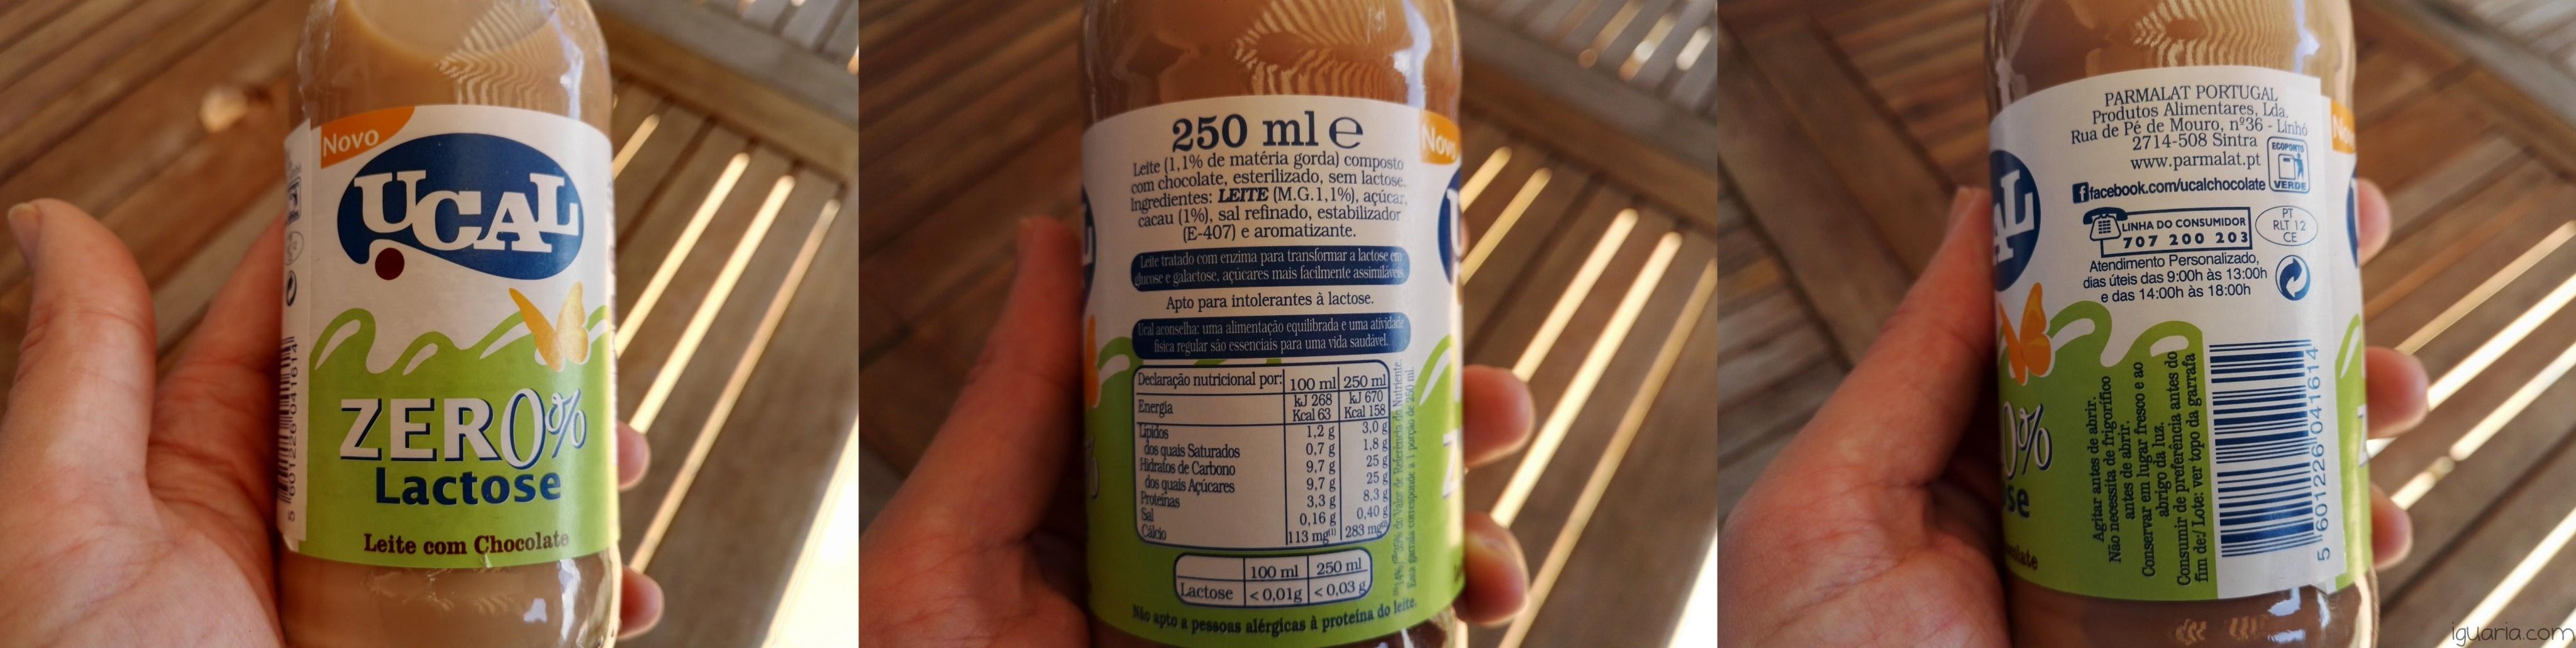 Iguaria_Leite-com-Chocolate-Zero-Lactose-Ucal